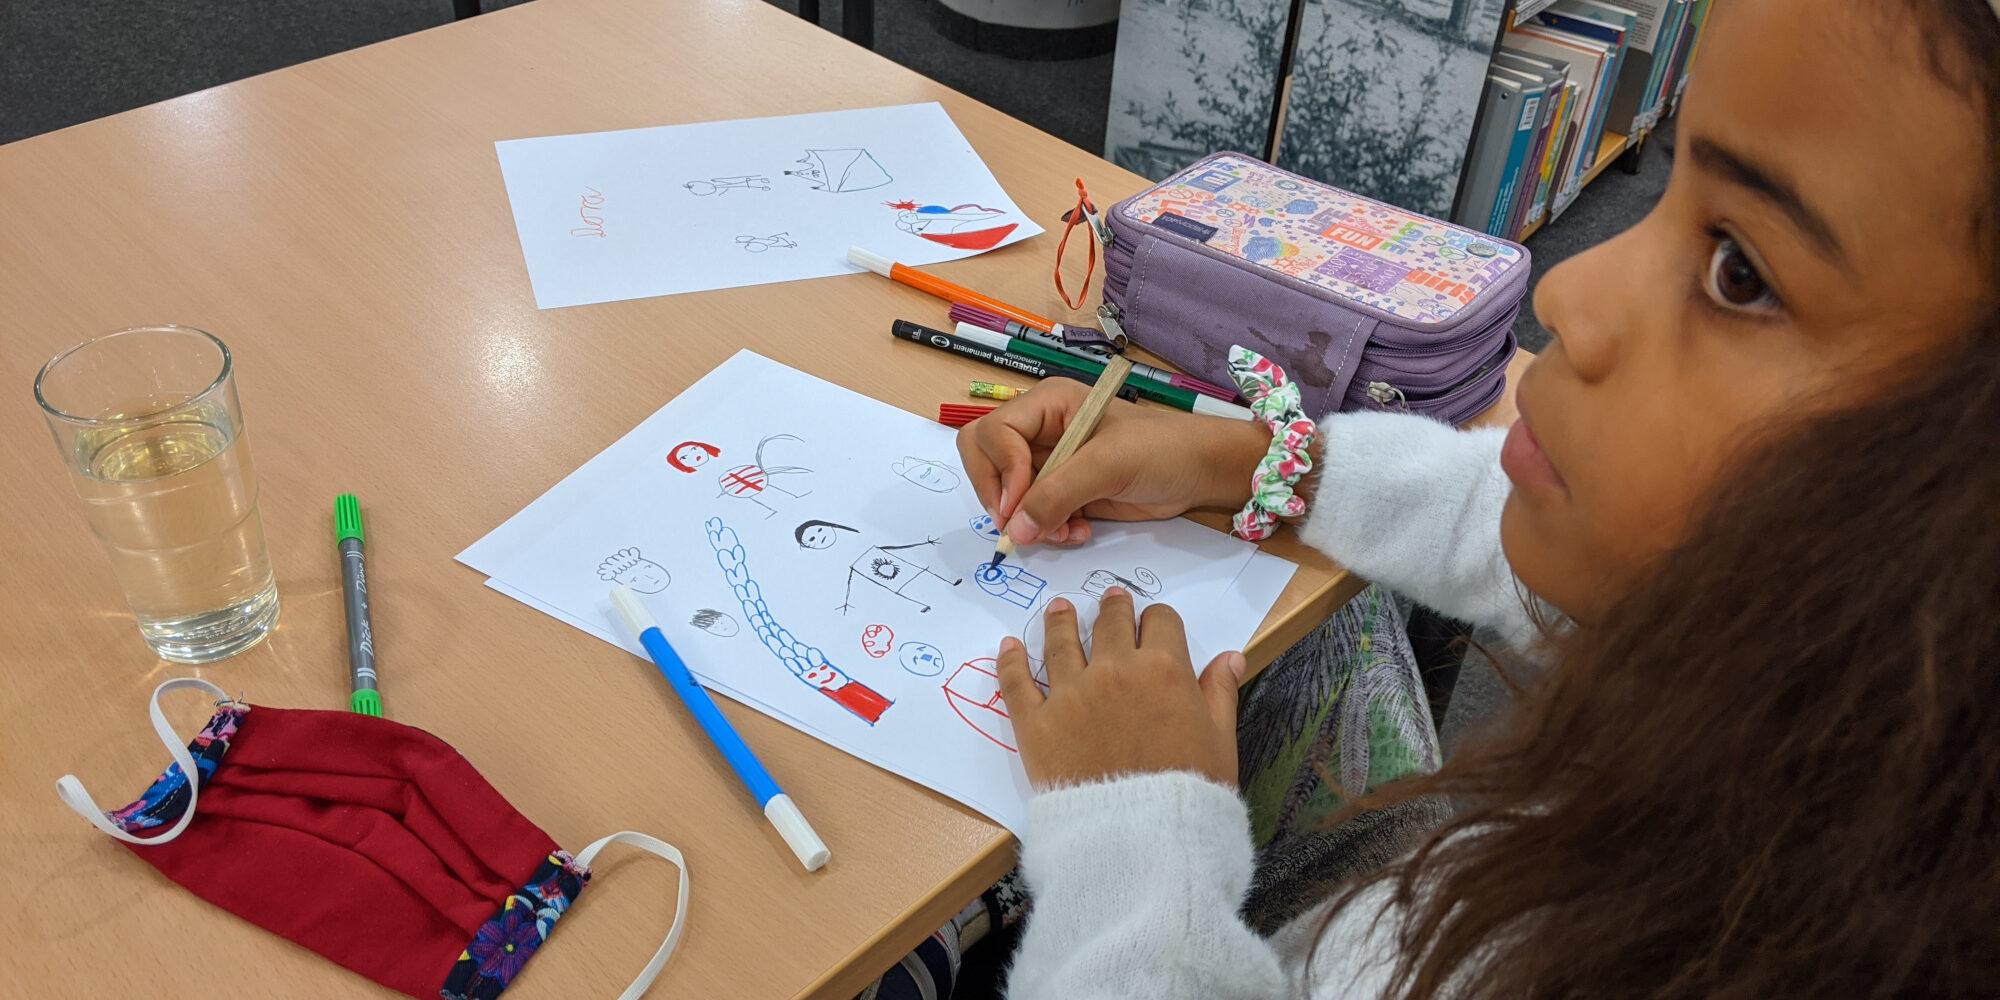 Ein Mädchen zeichnet verschiedene lustigen Figuren aufs papier.